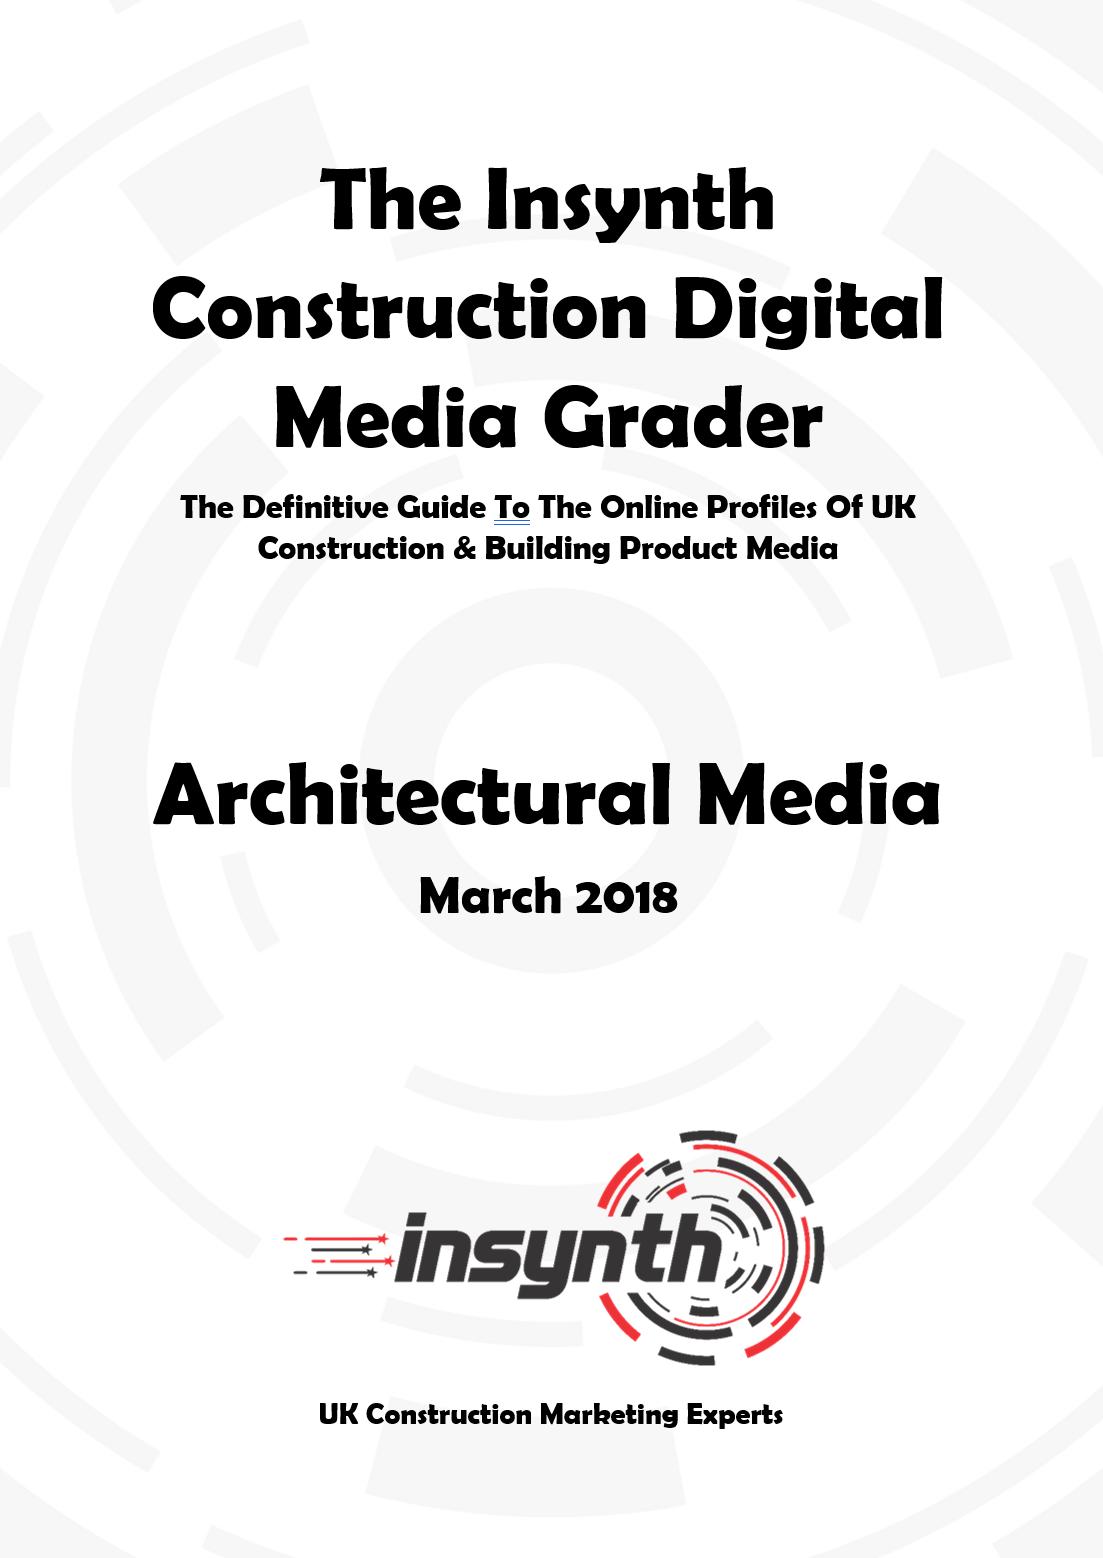 Construction Digital Media Grader Report - Architectural Media